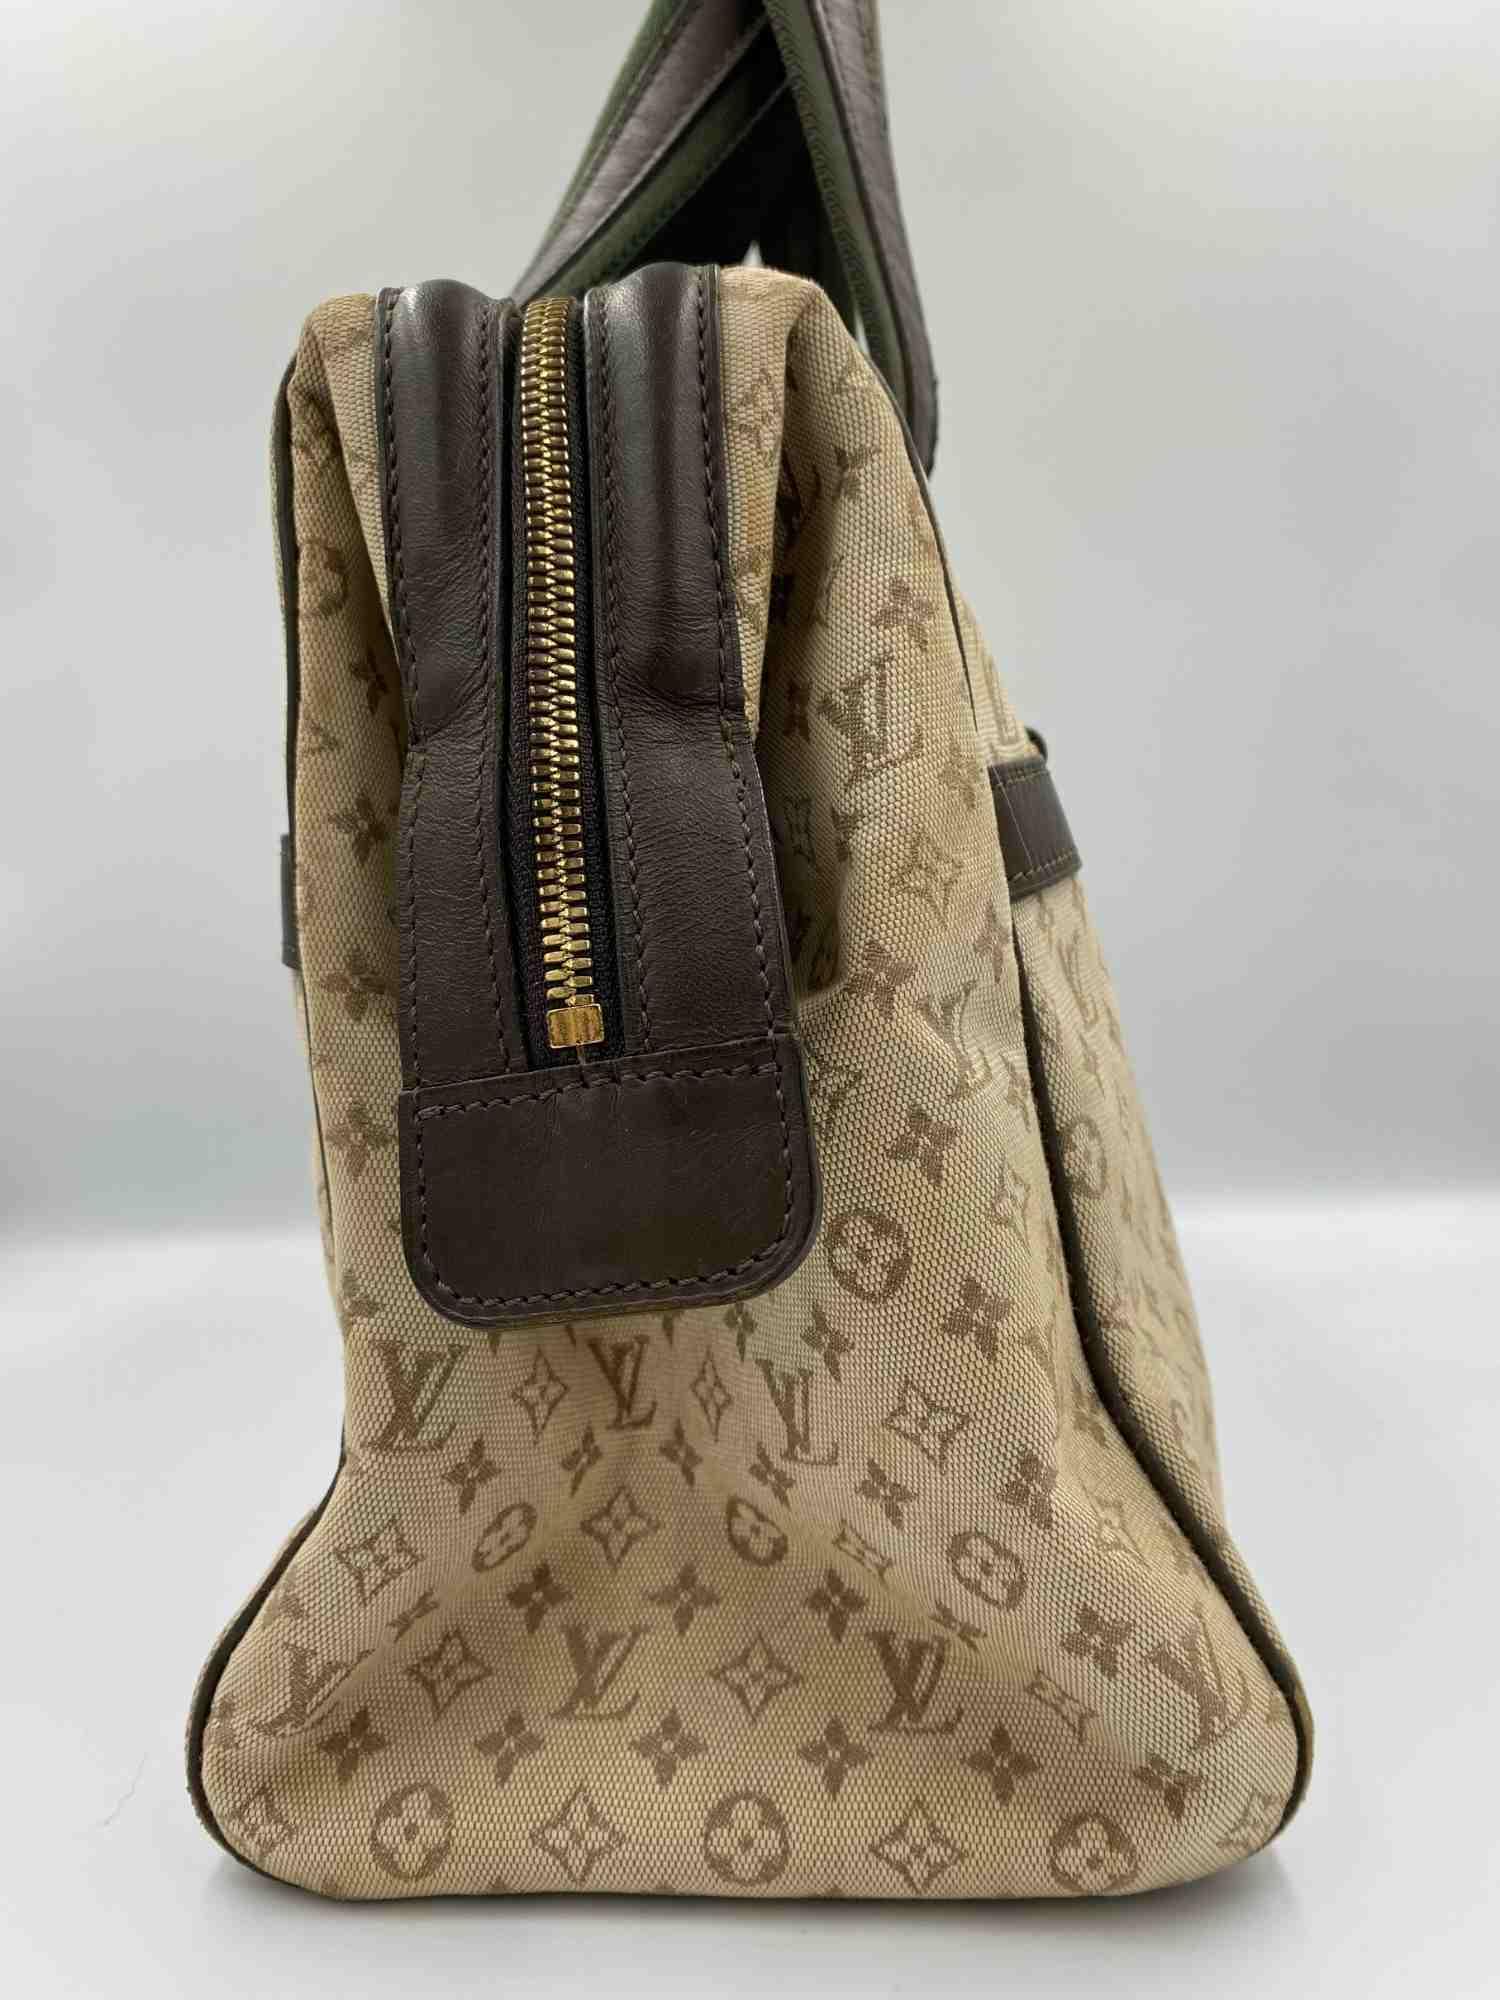 Bolsa Louis Vuitton Josephine Idylle